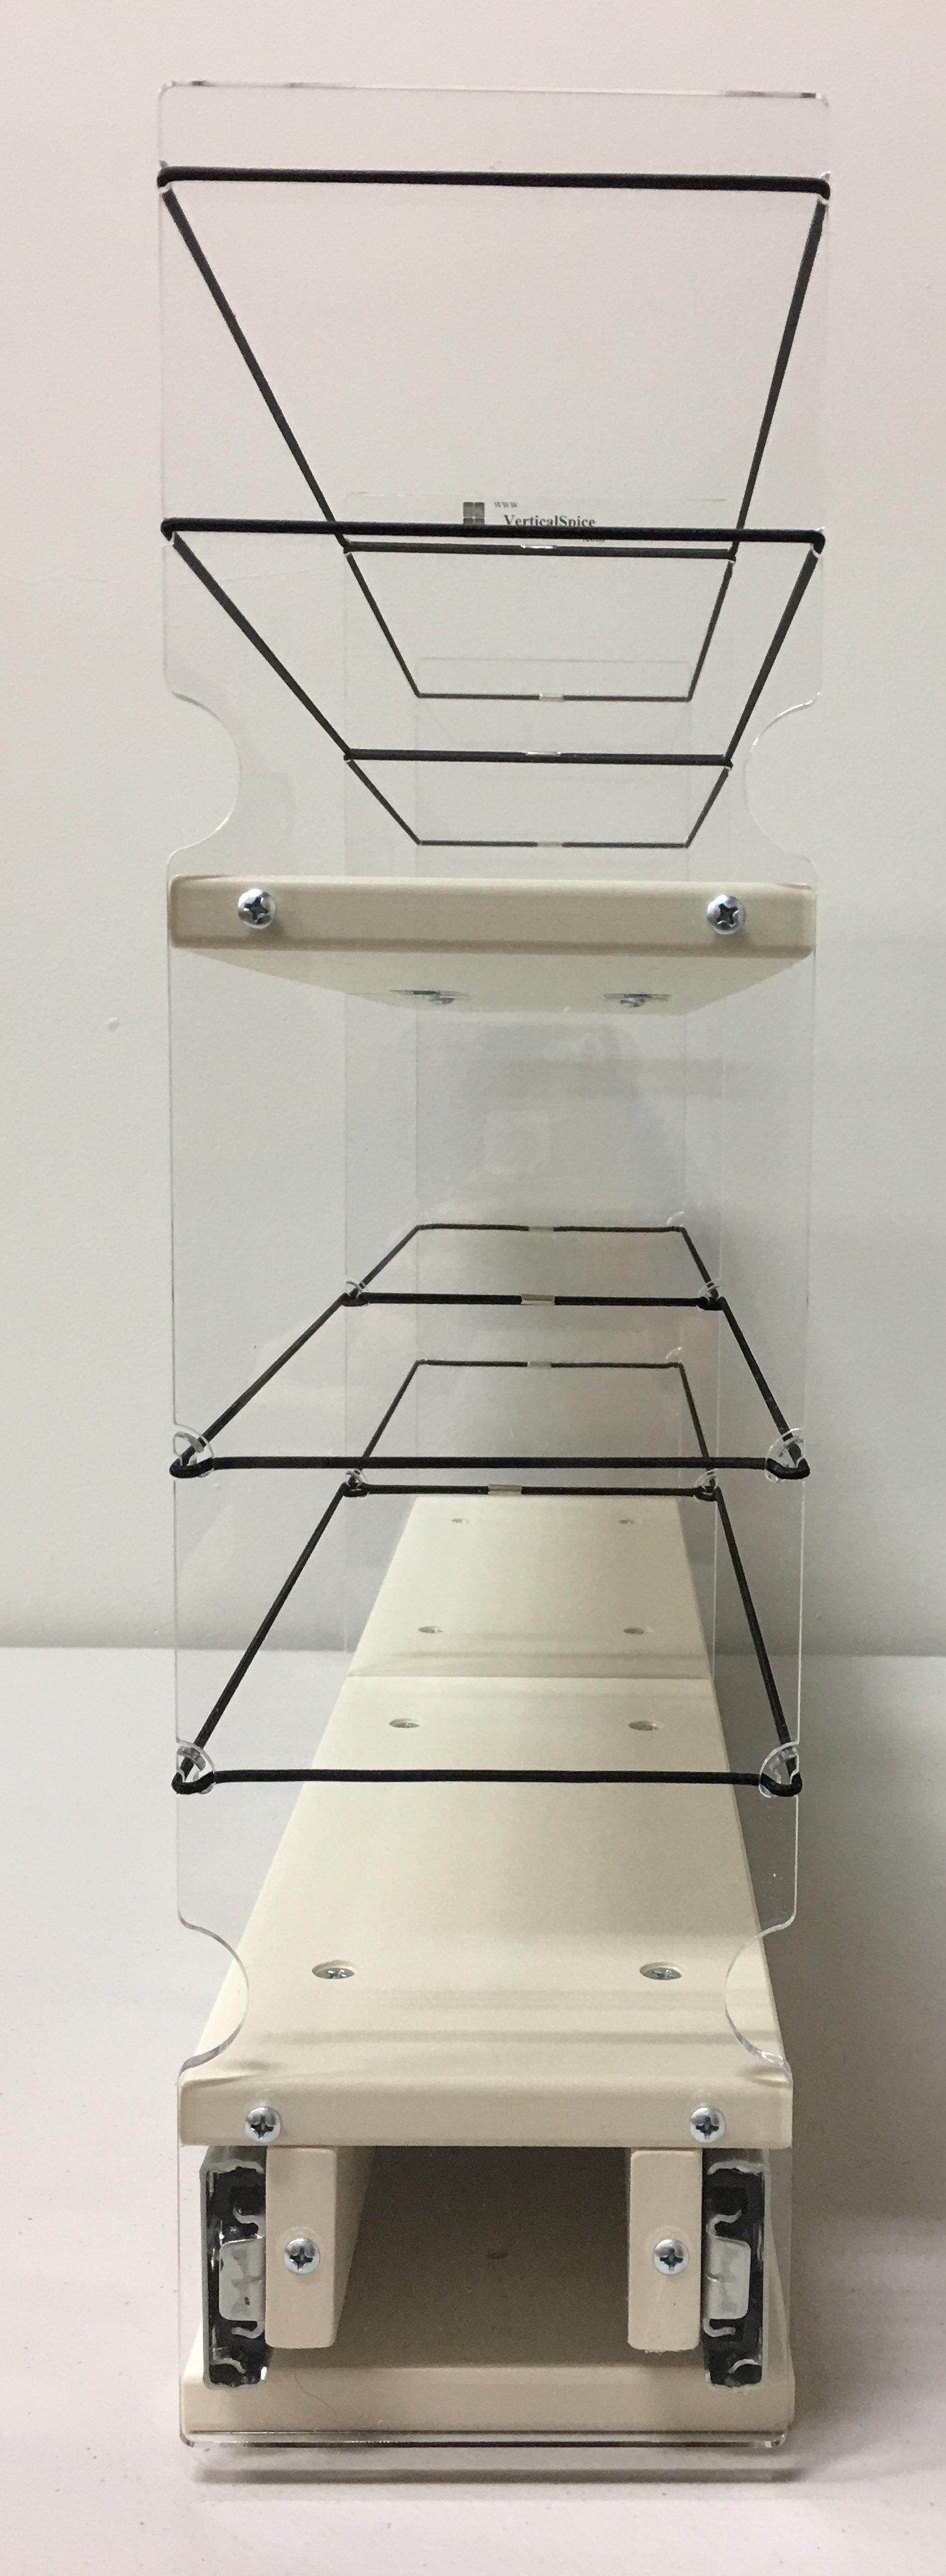 Vertical Spice shelf